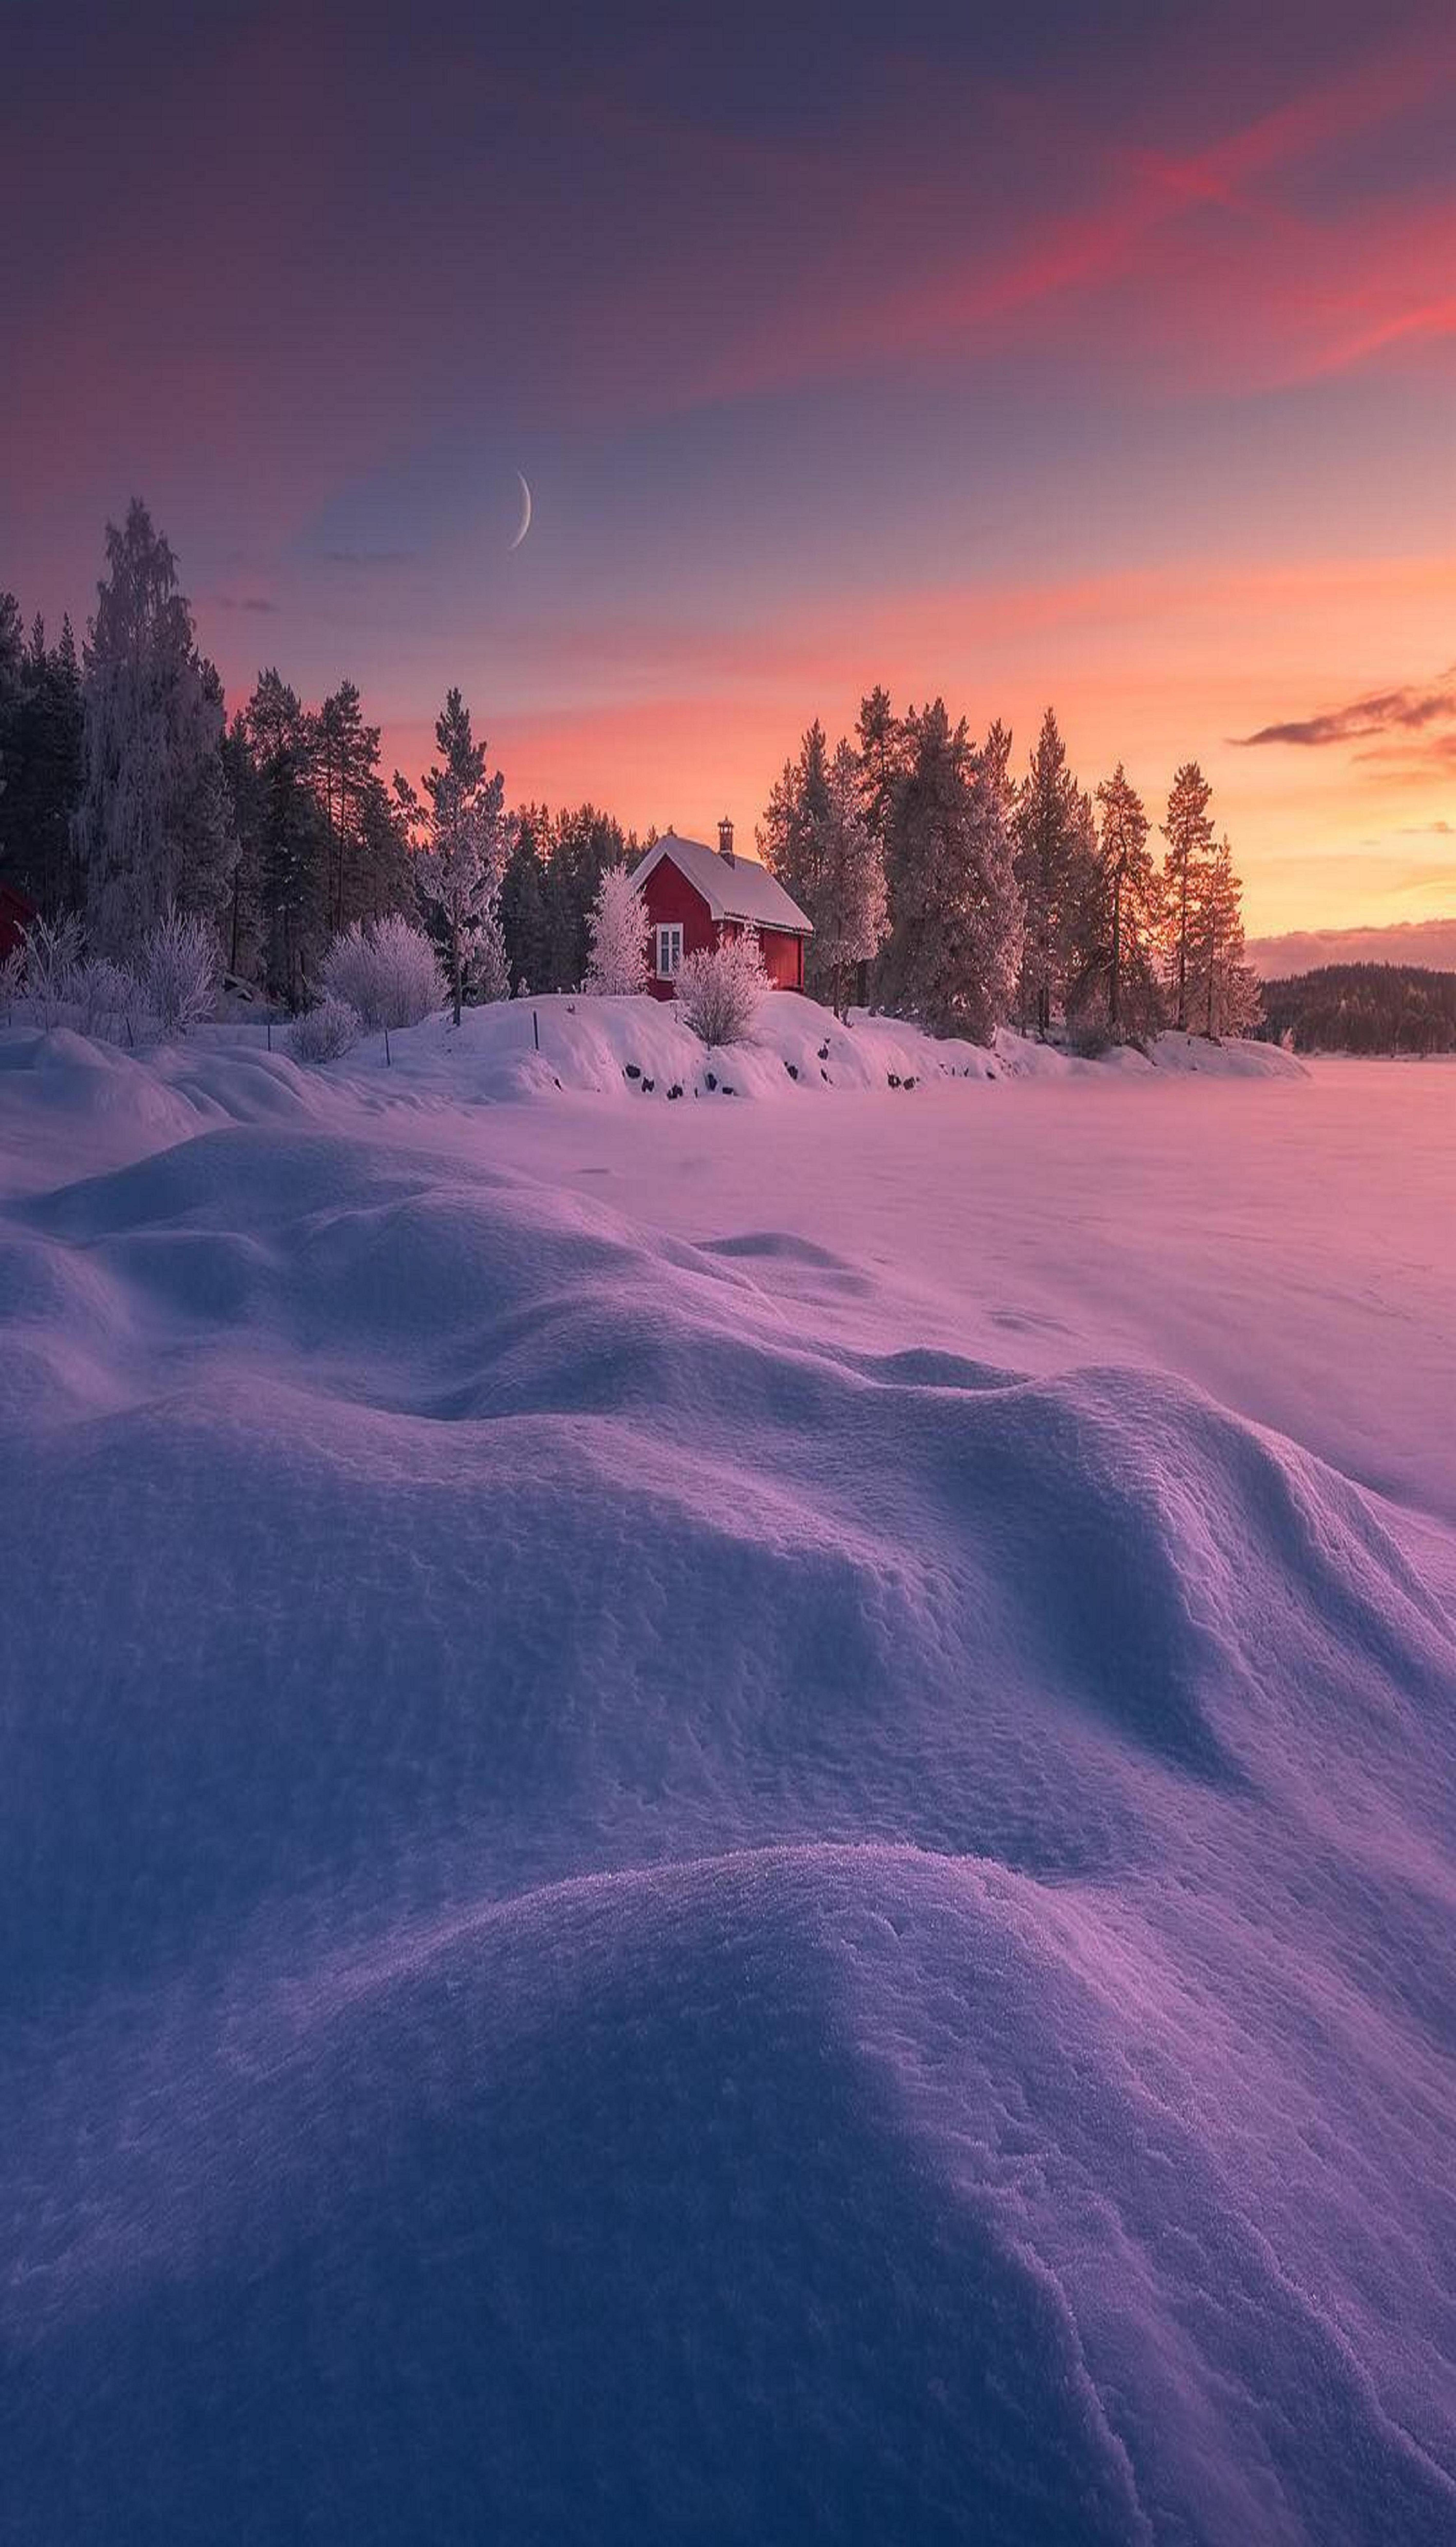 Norway Winter Scenery Winter Landscape Winter Scenes